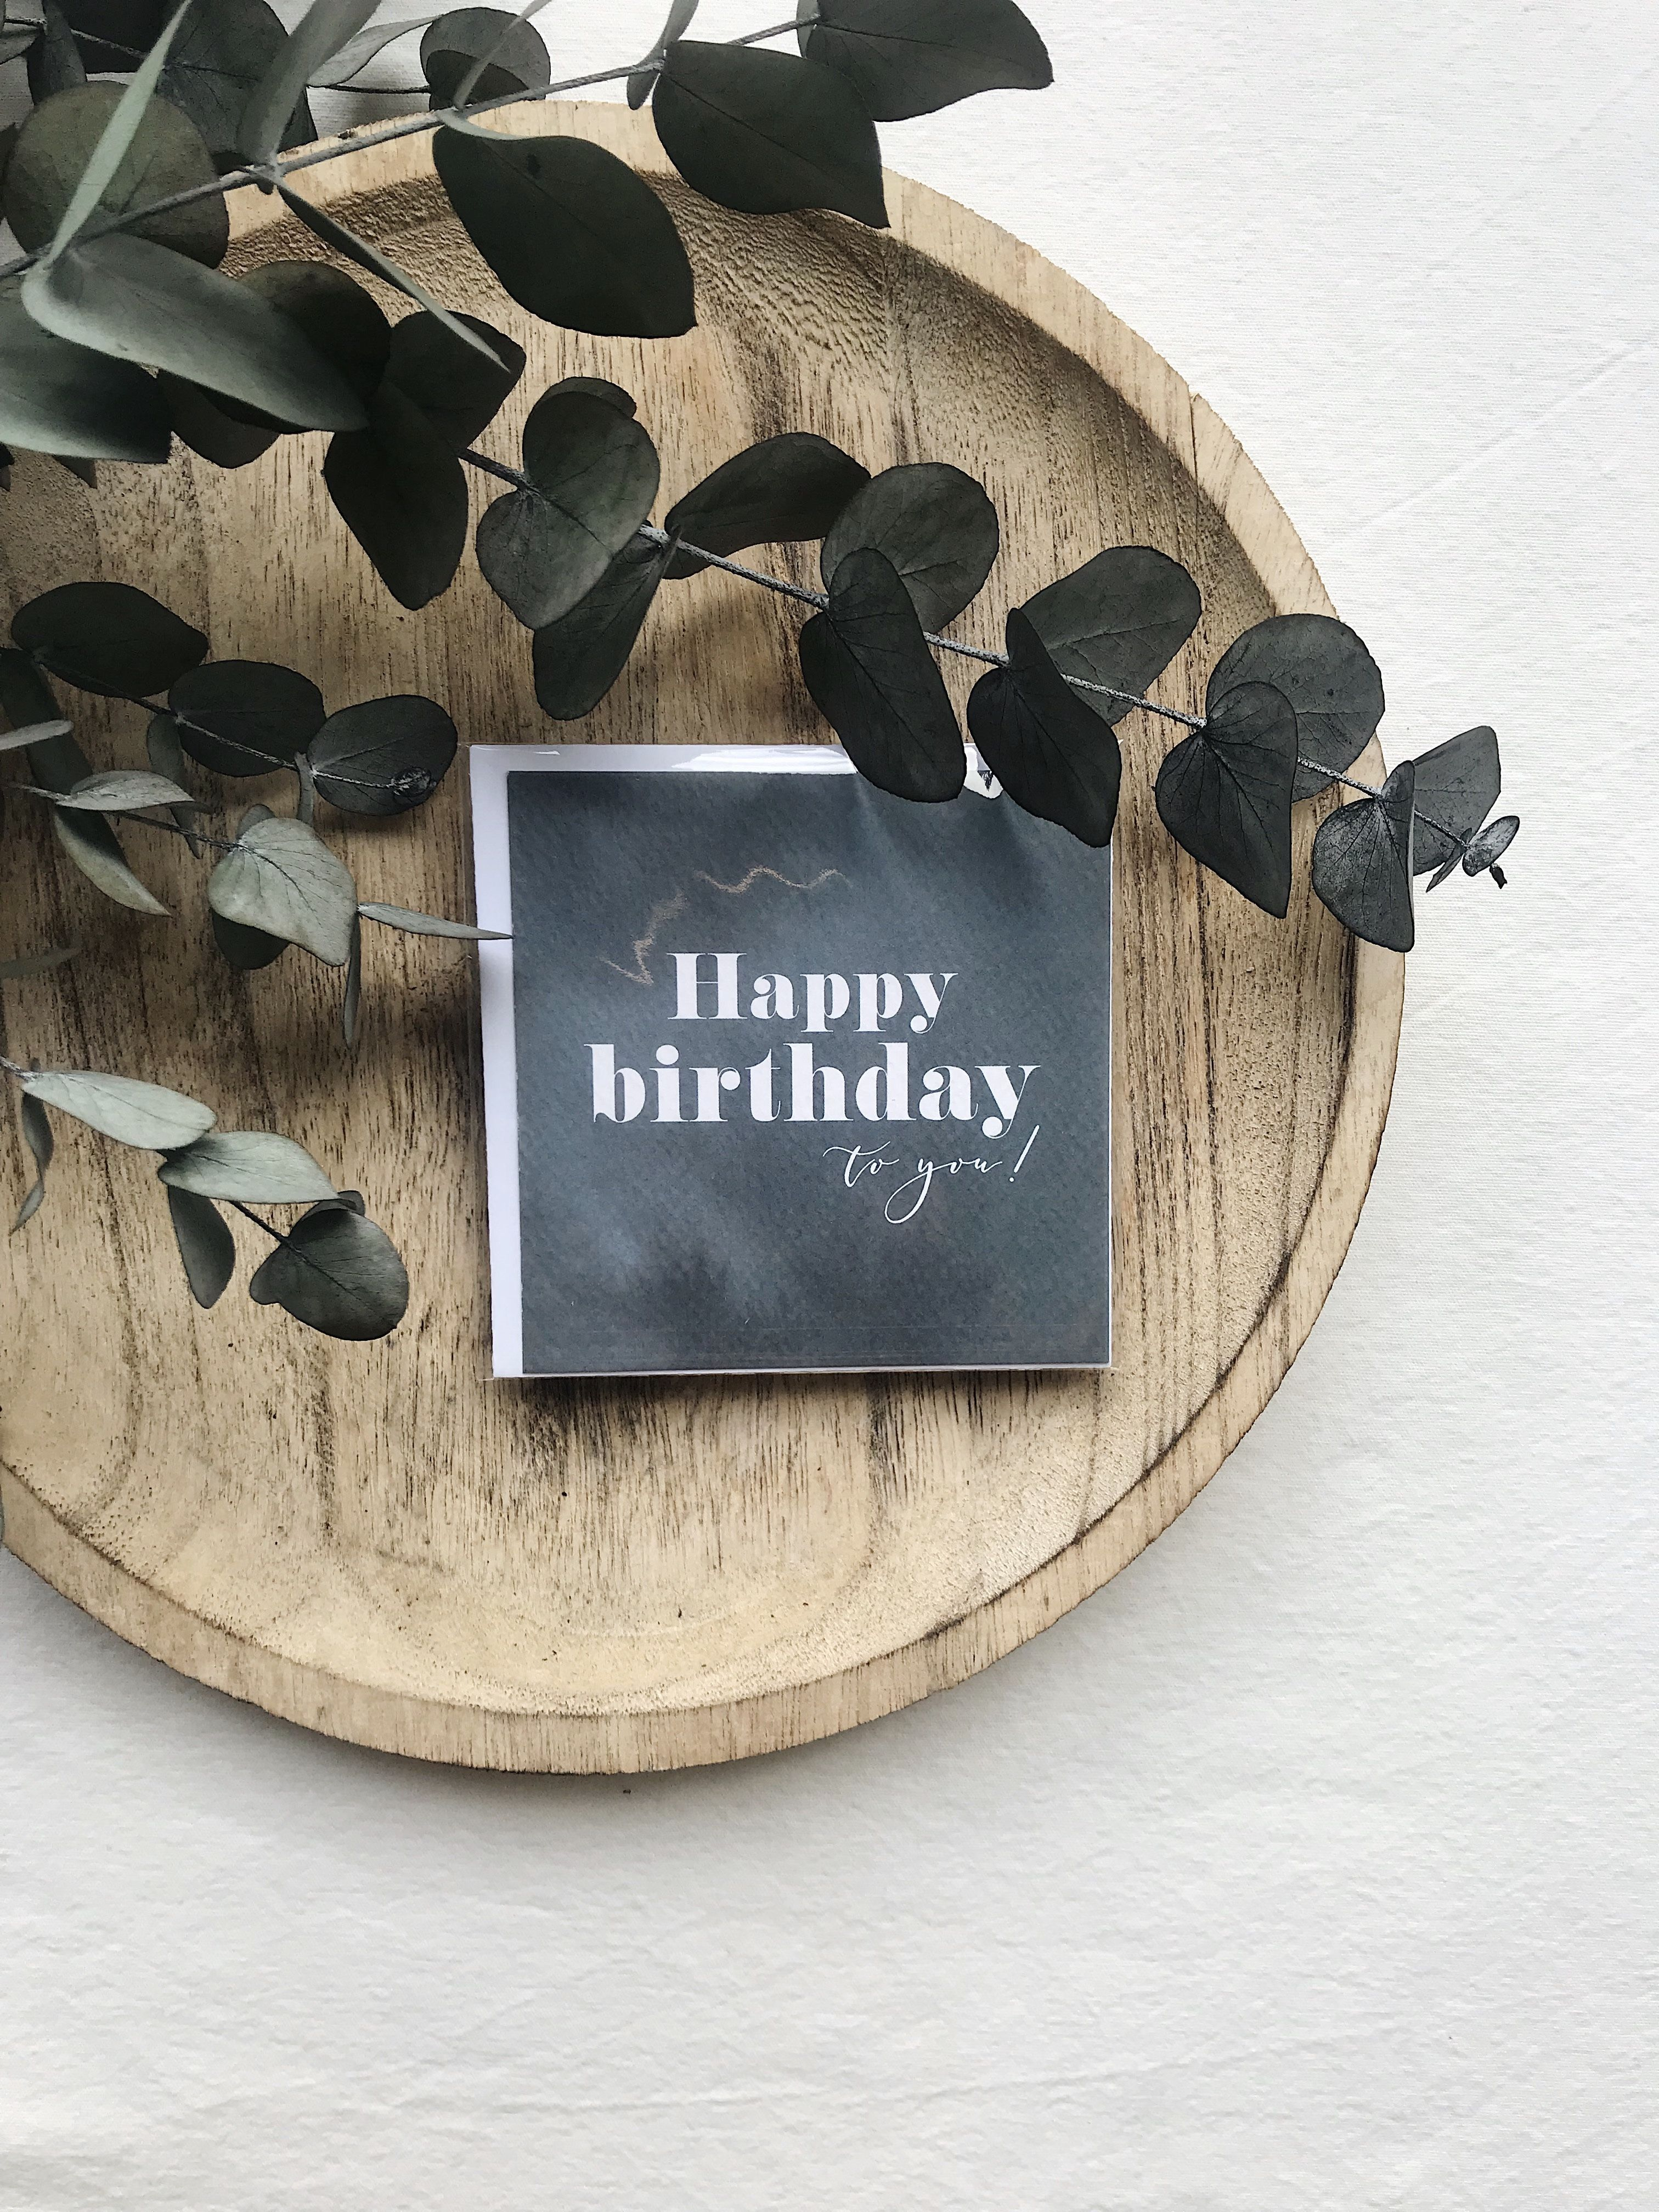 PETITE CARTE HAPPY BIRTHDAY TO YOU  SEVEN PAPER Une carte de vœux est un élément essentiel pour adresser quelques mots doux